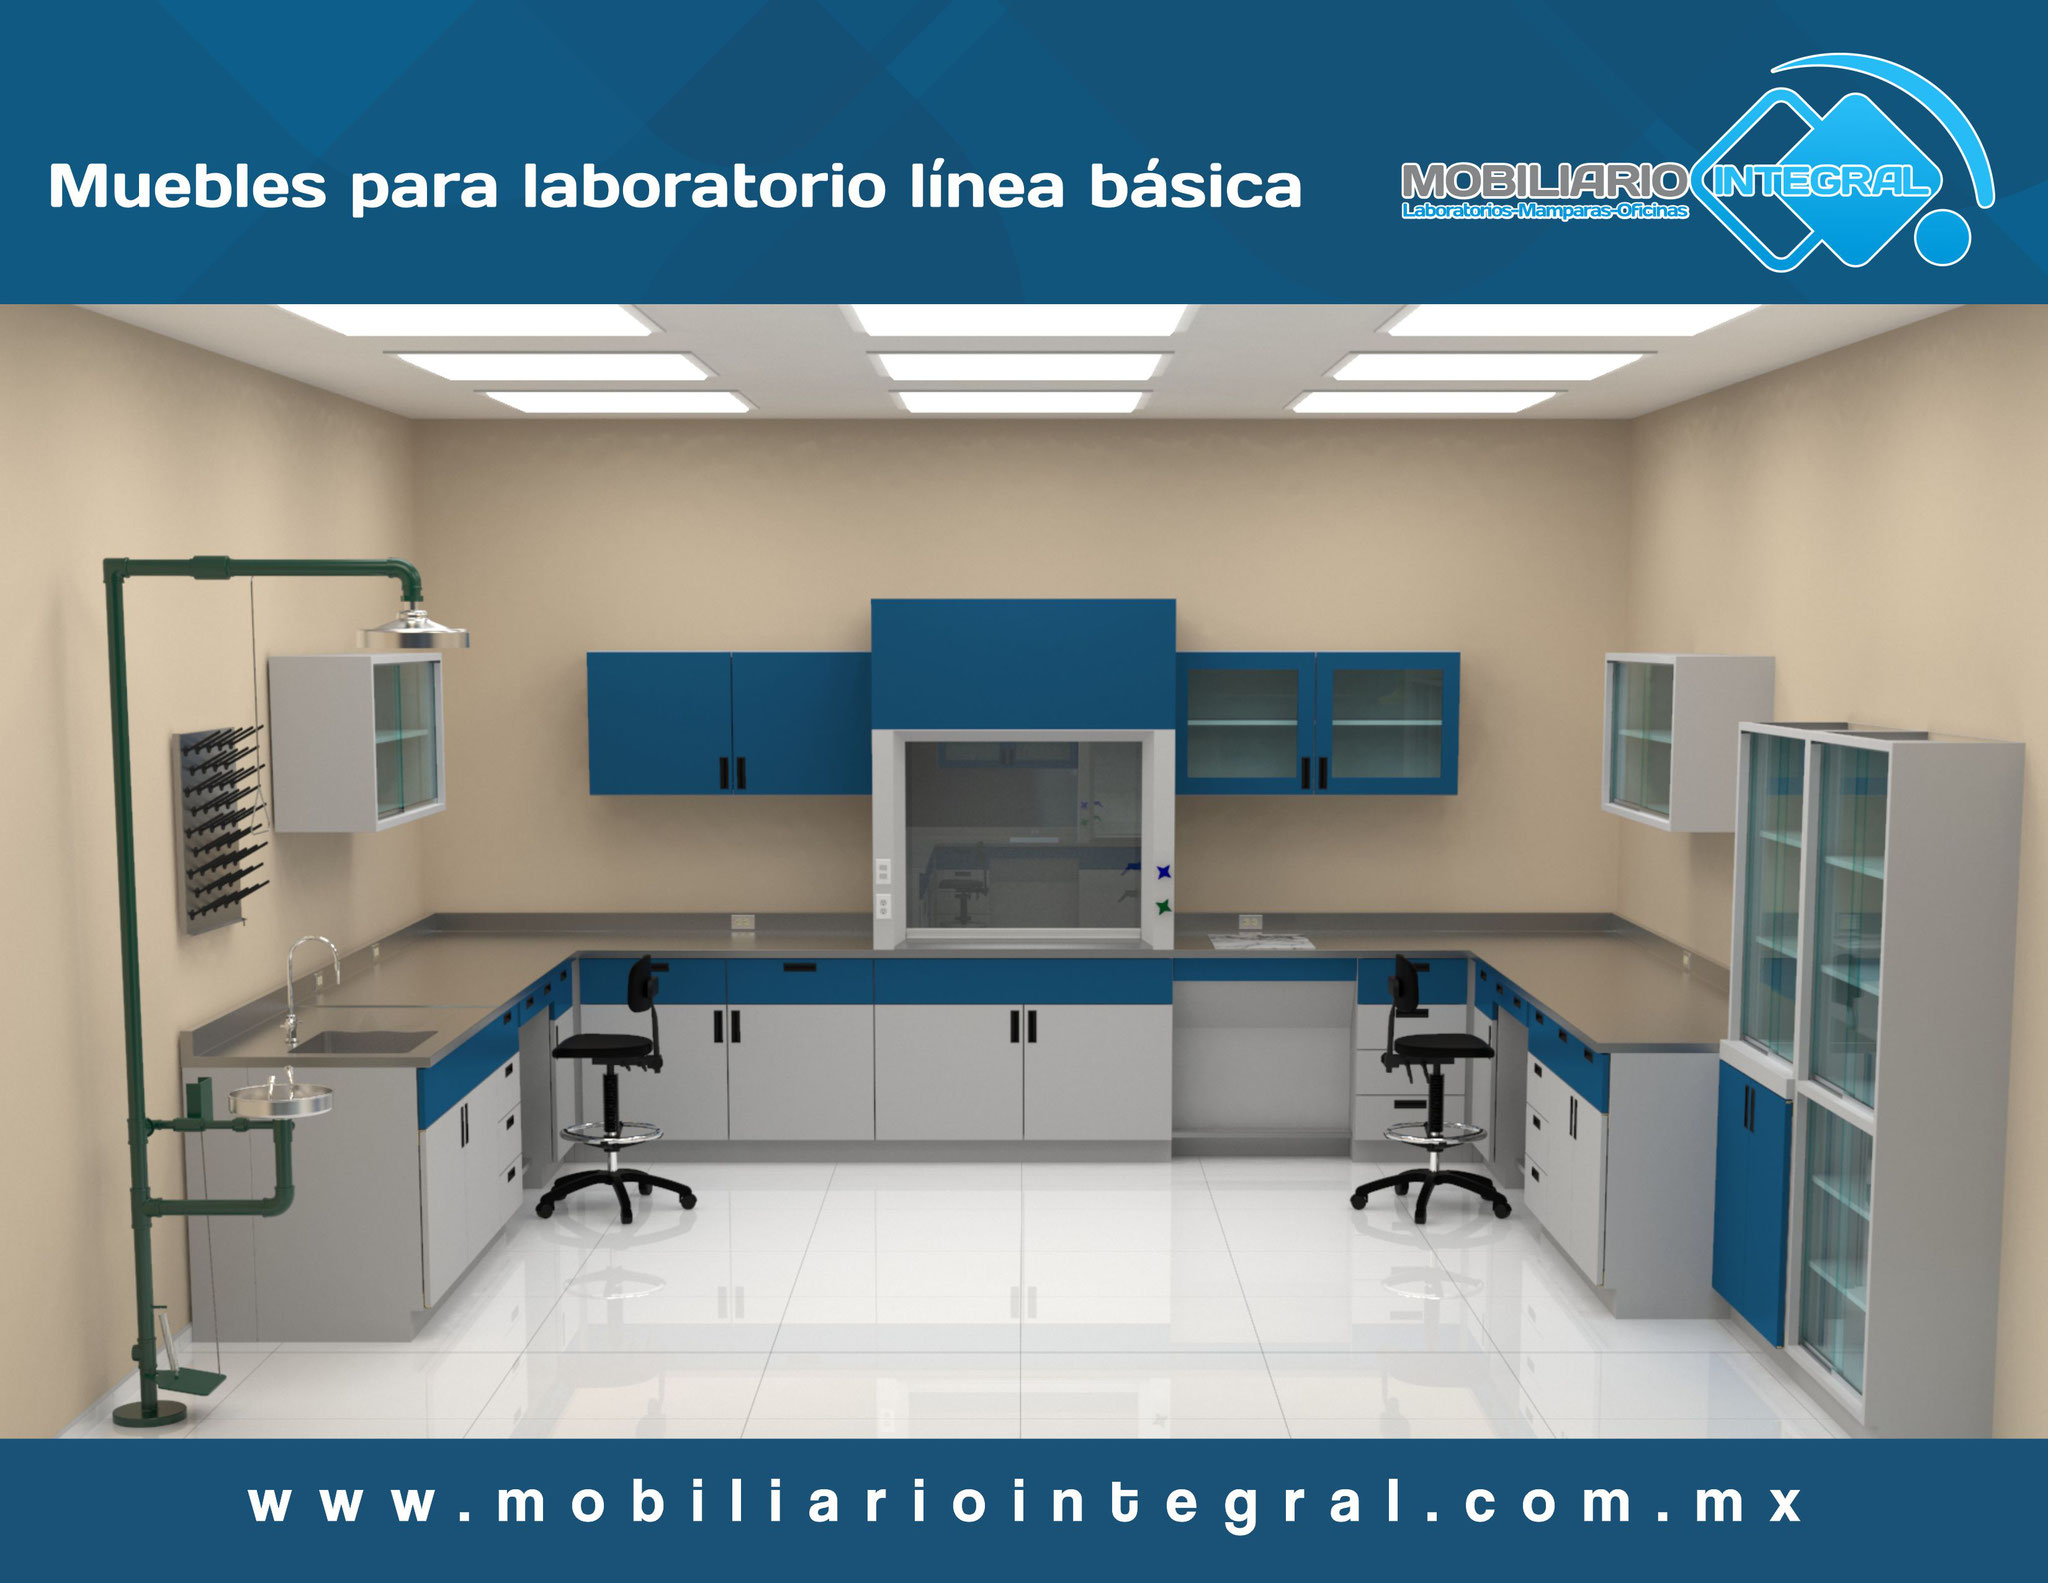 Muebles para laboratorio en Coatzacoalcos